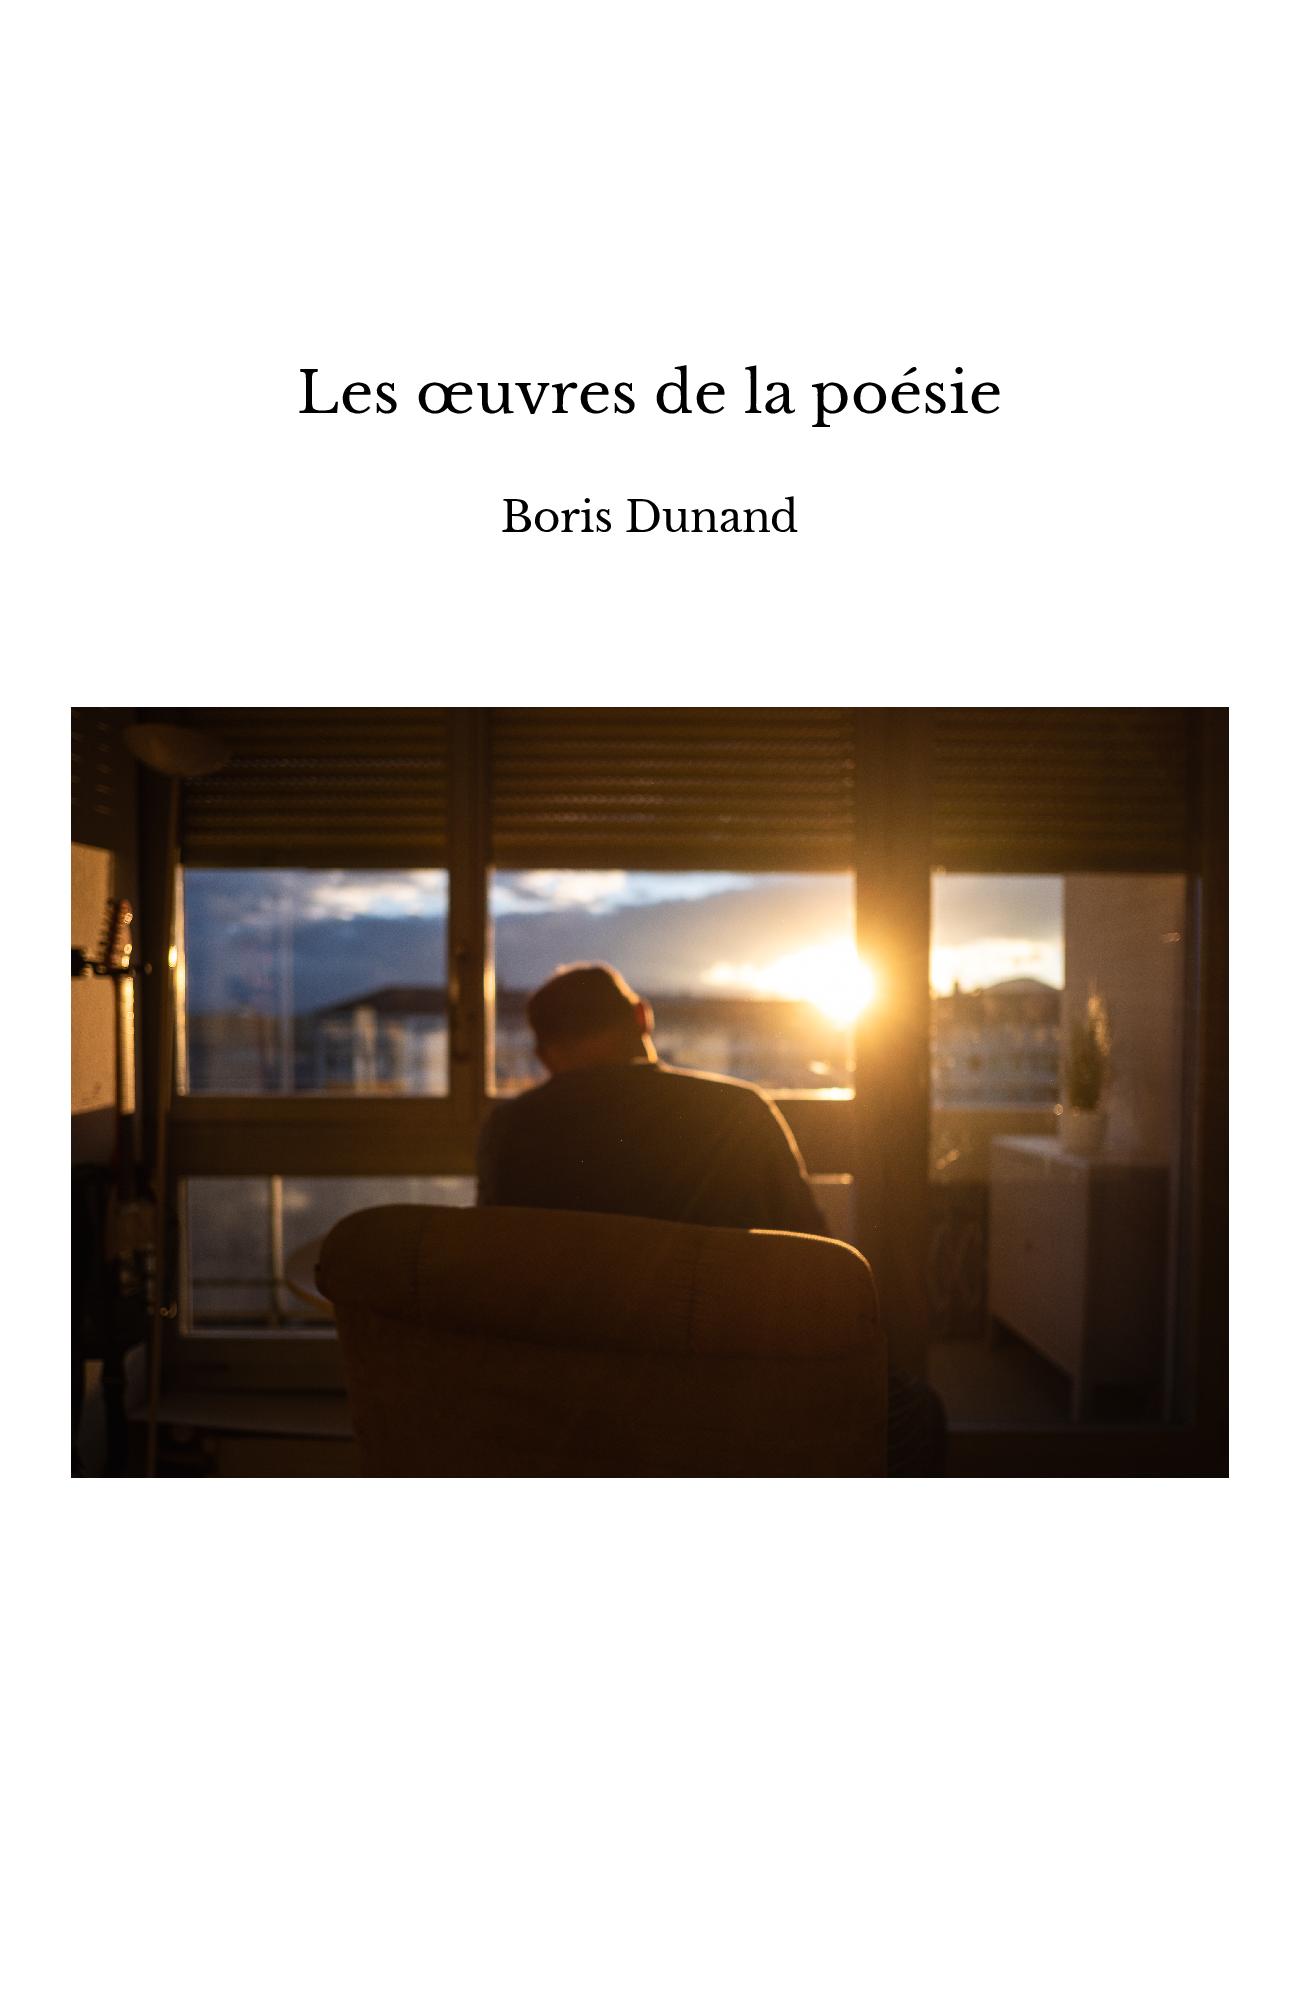 Les œuvres de la poésie